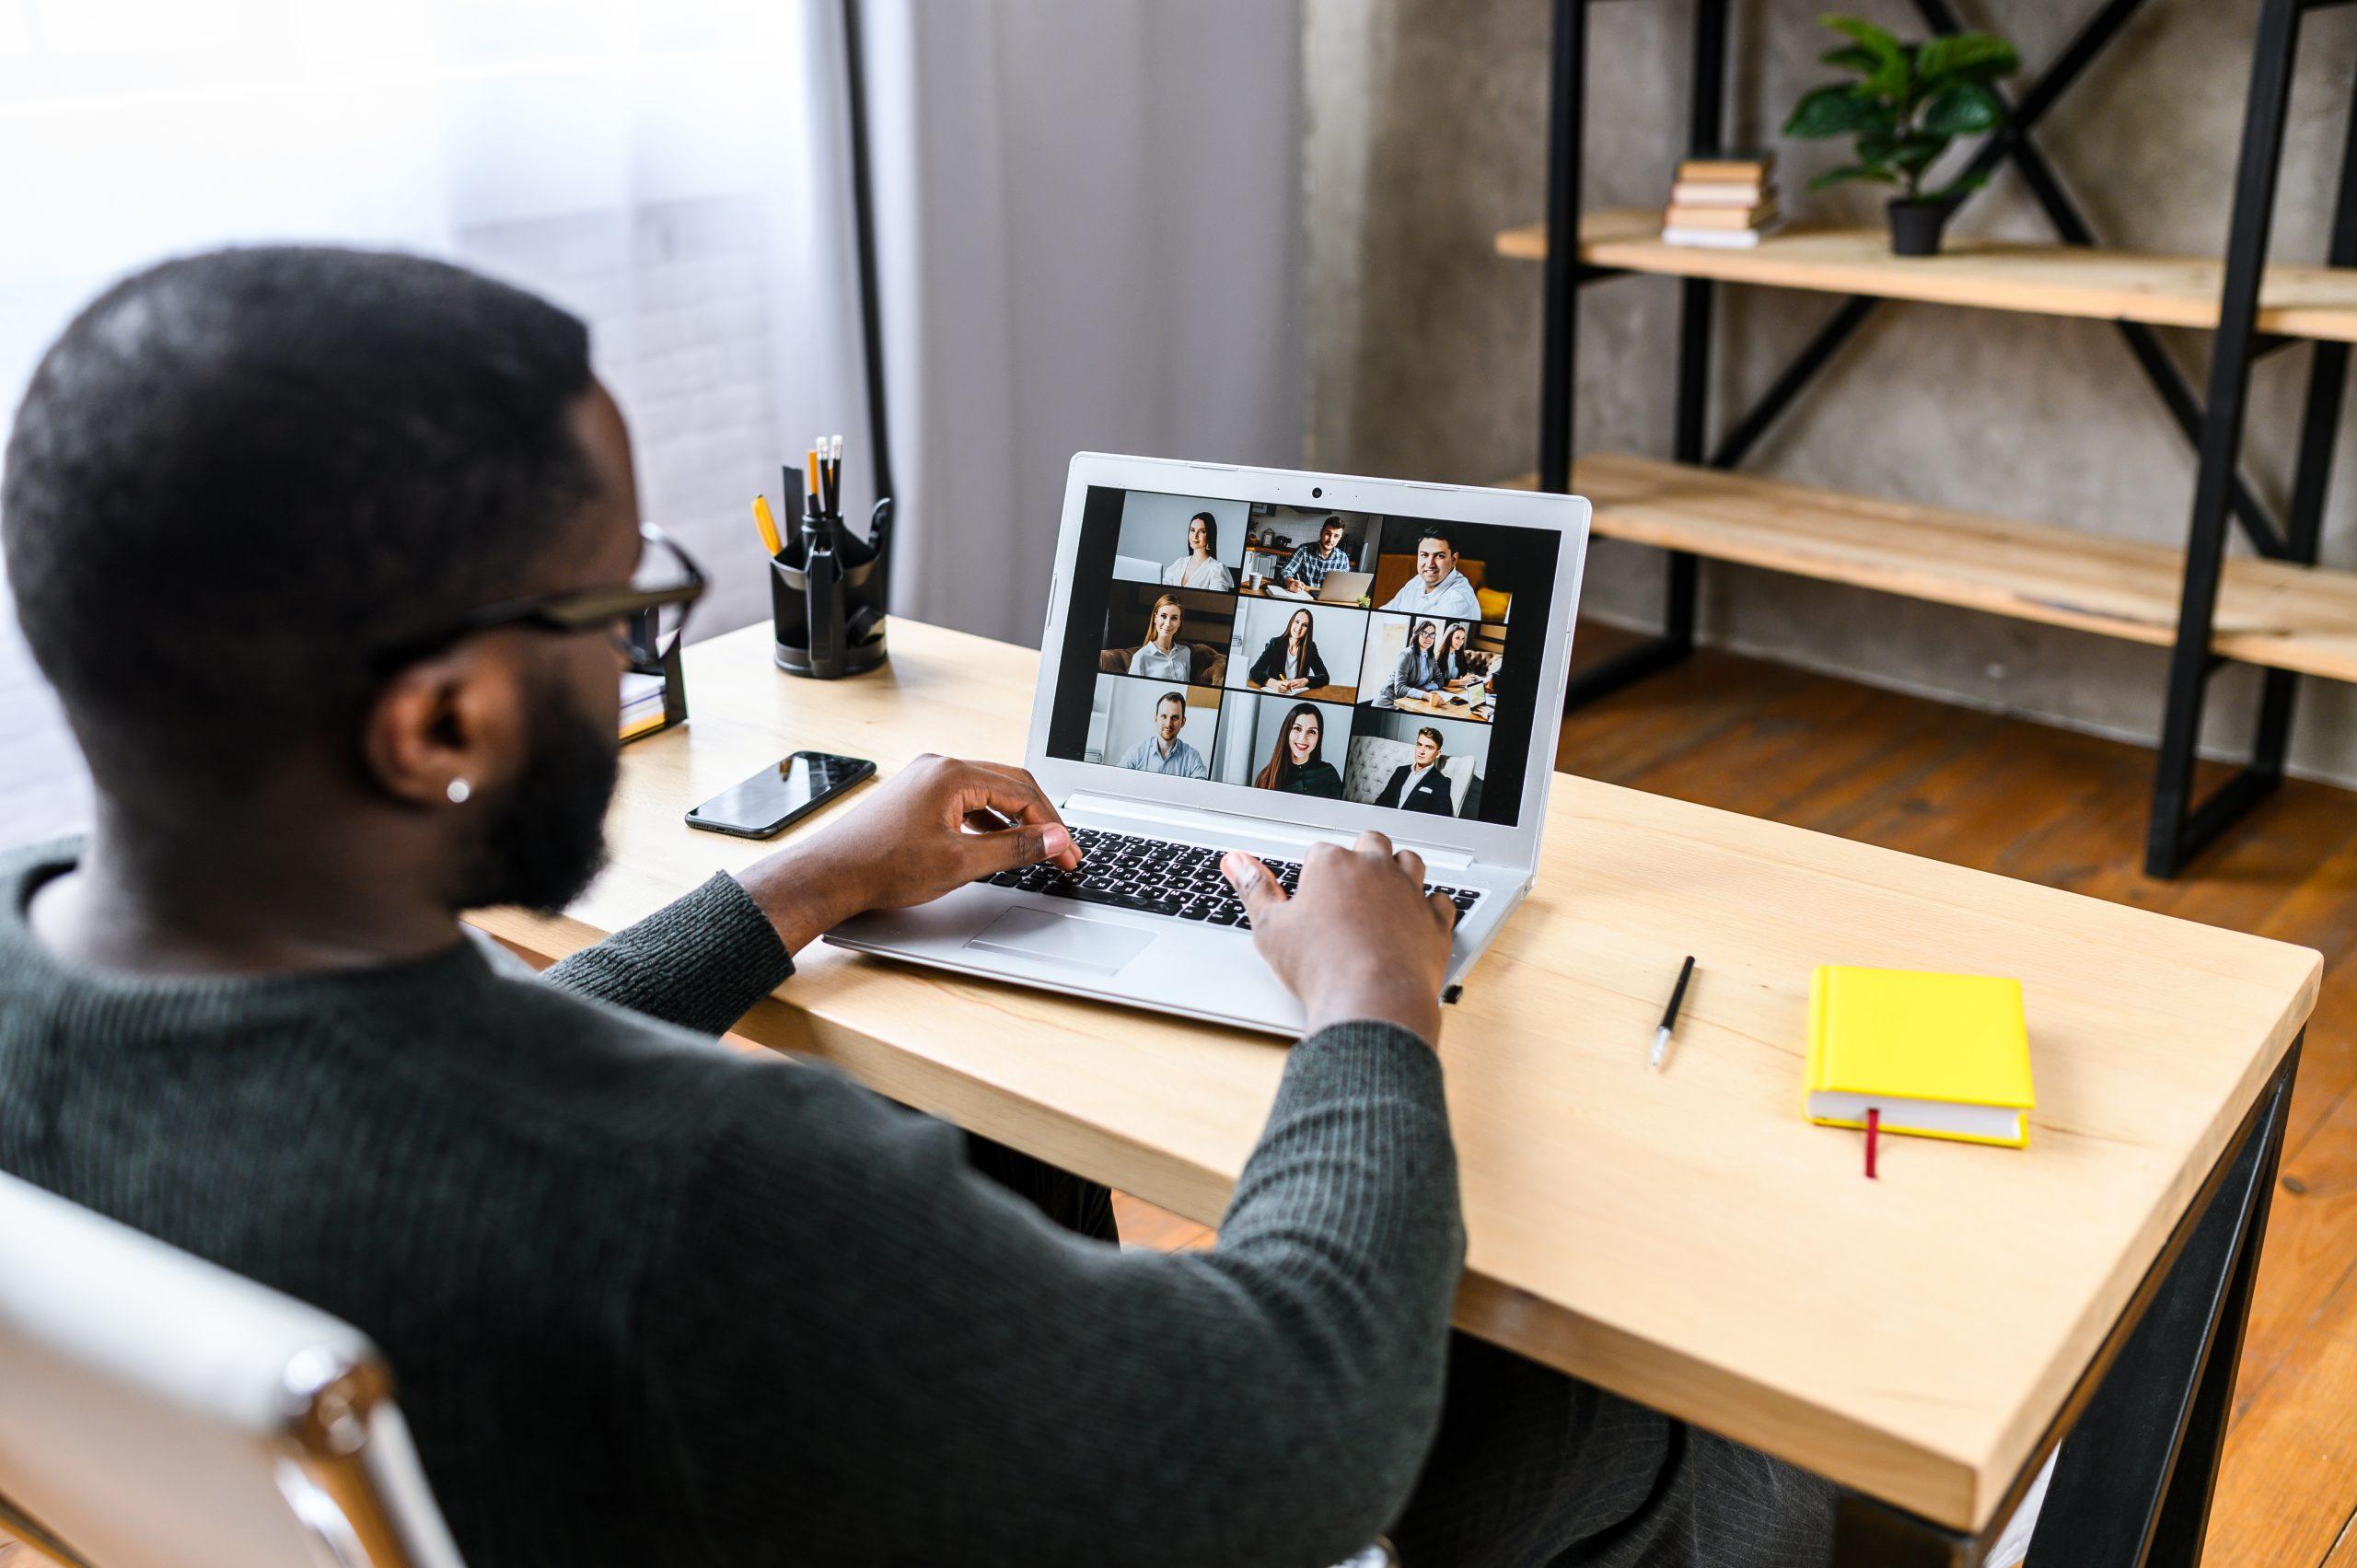 Man sits in online meeting